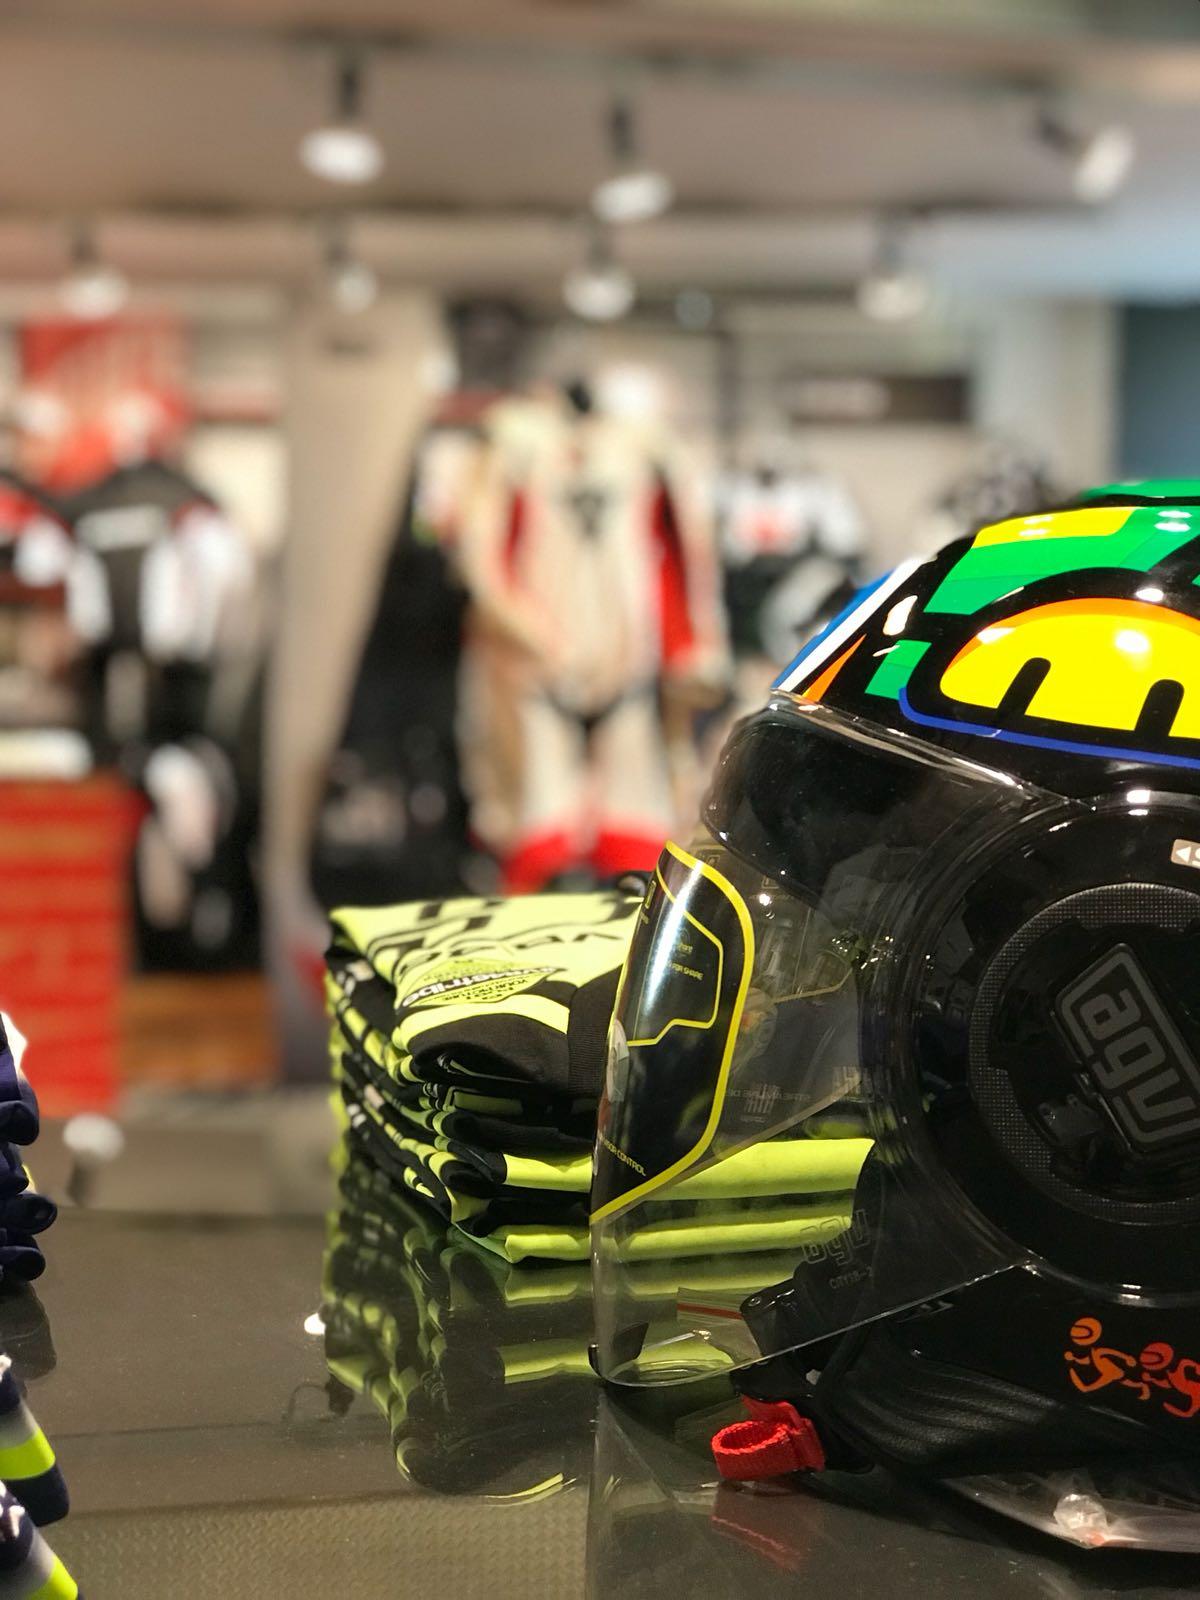 Dainese - Yu Retail